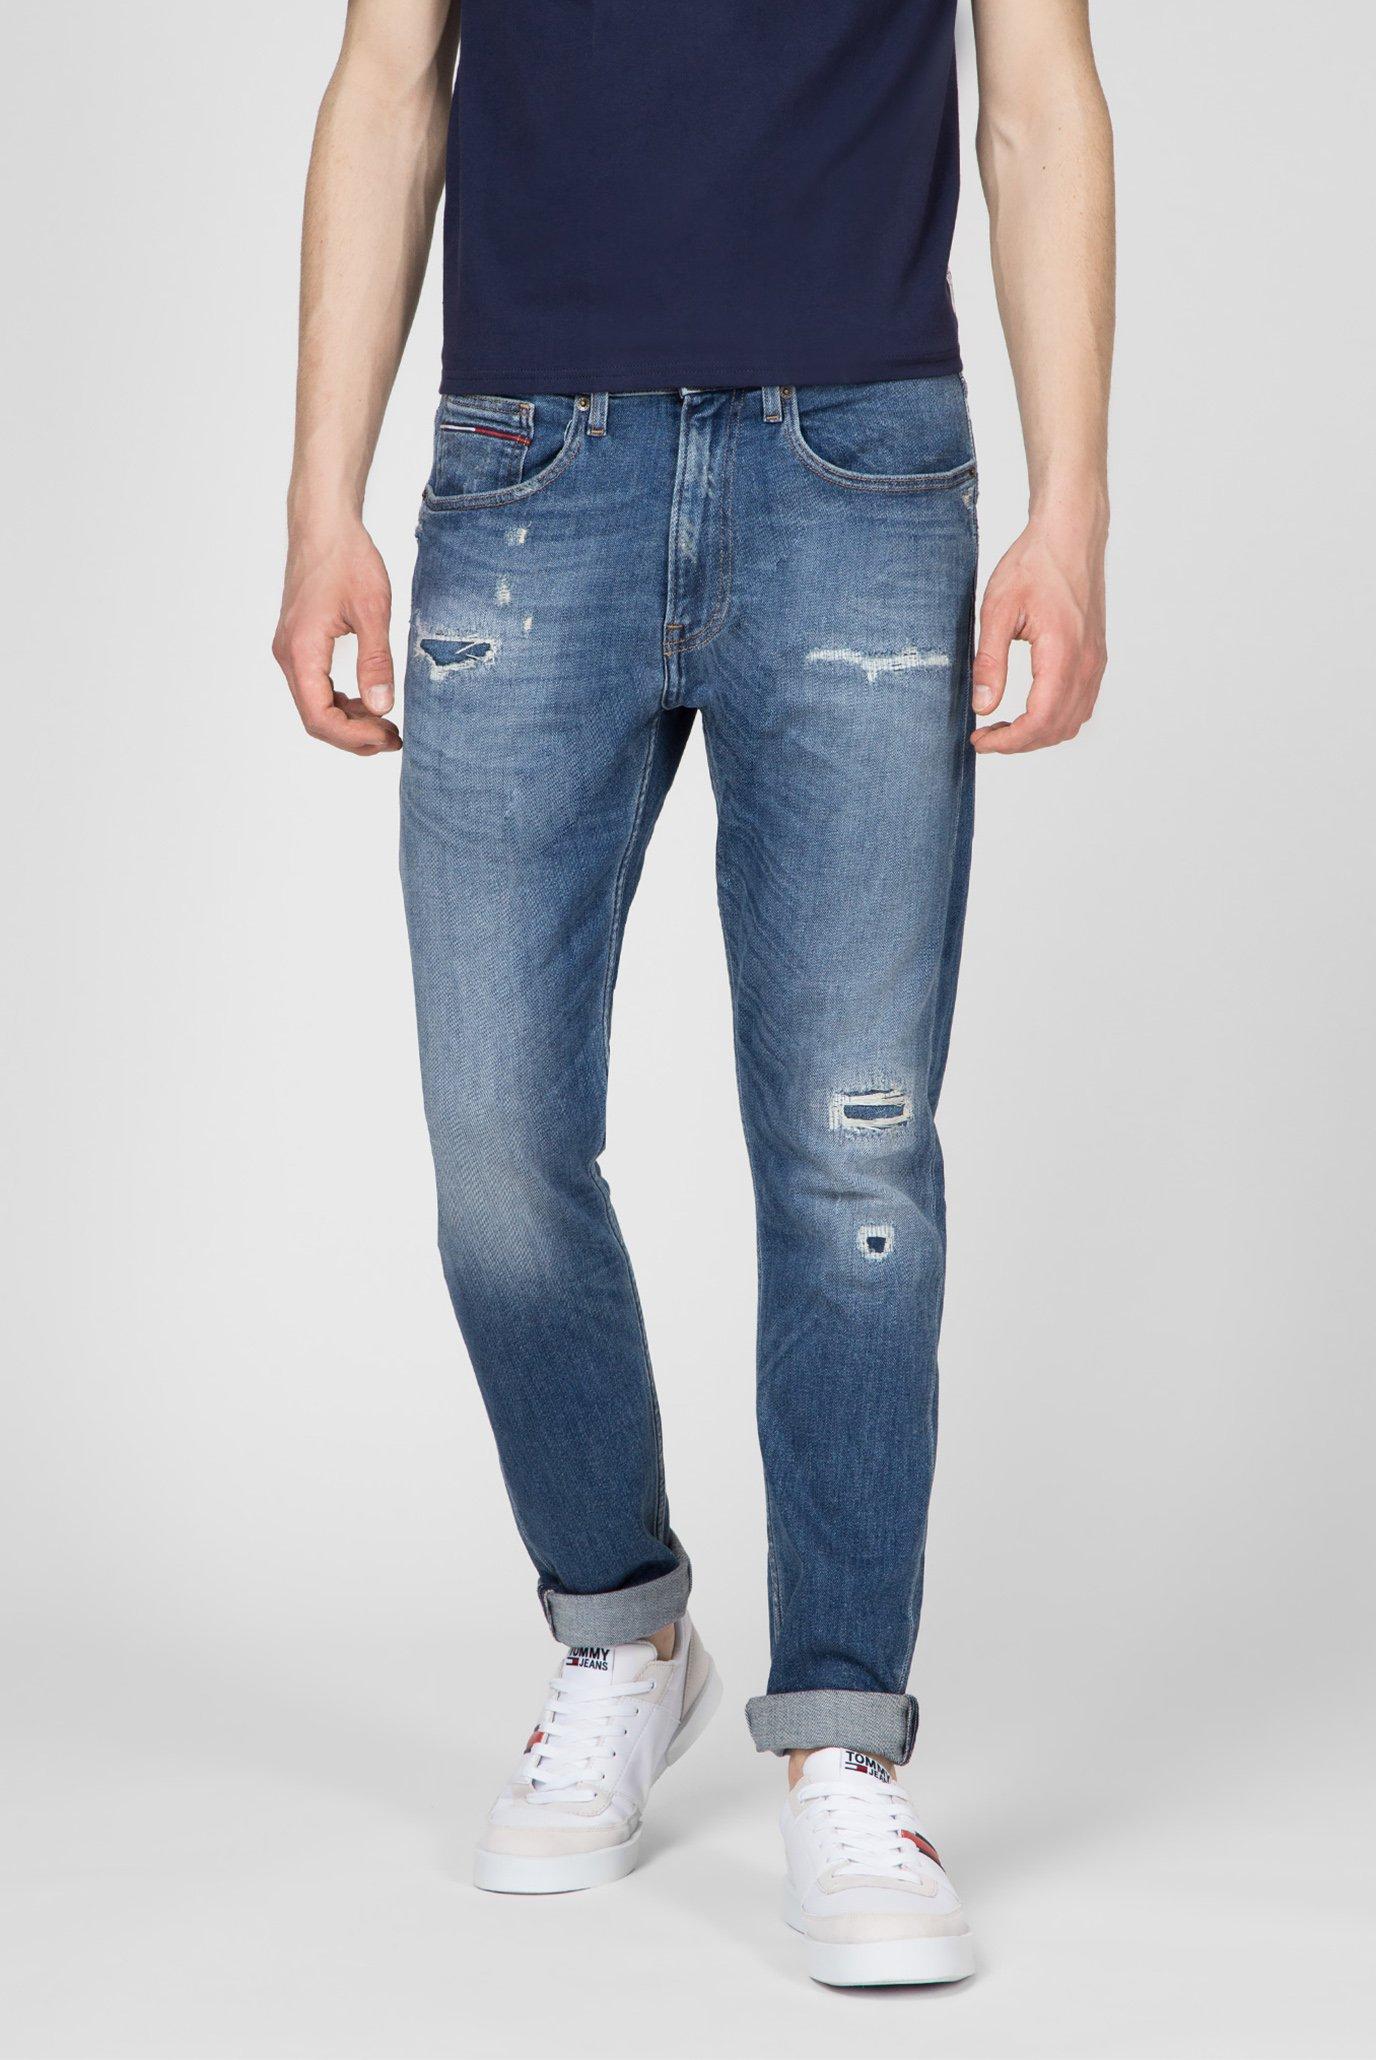 Купить Мужские синие джинсы MODERN TAPERED TJ 1988 Tommy Hilfiger Tommy Hilfiger DM0DM05641 – Киев, Украина. Цены в интернет магазине MD Fashion